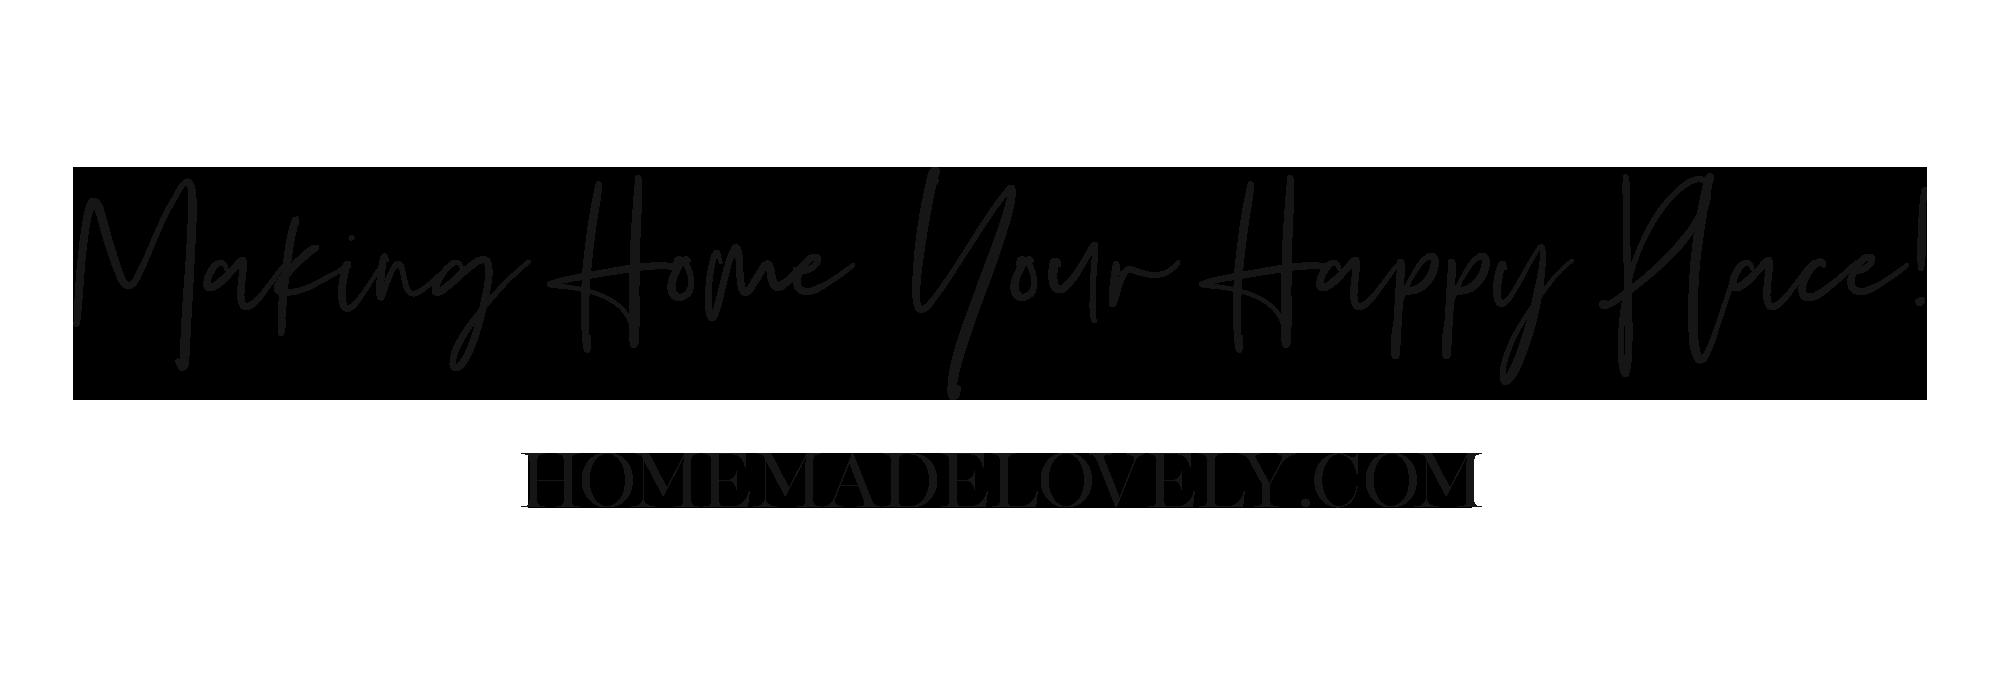 HomeMadeLovley.com